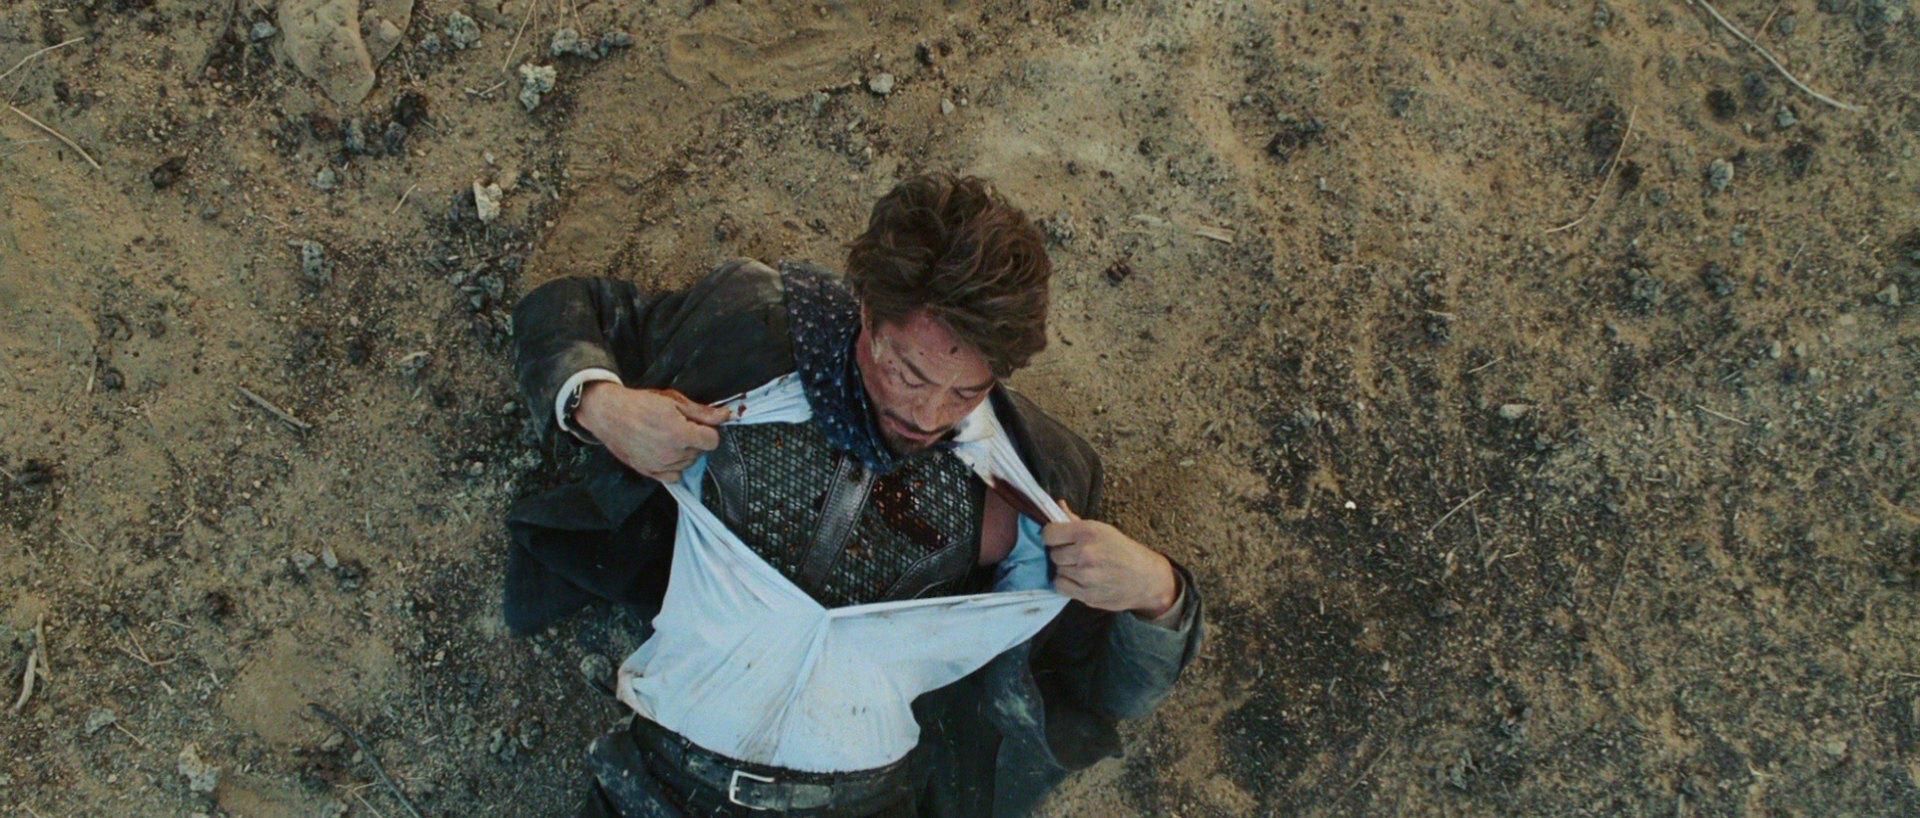 โทนี่ สตาร์ค โดนระเบิด